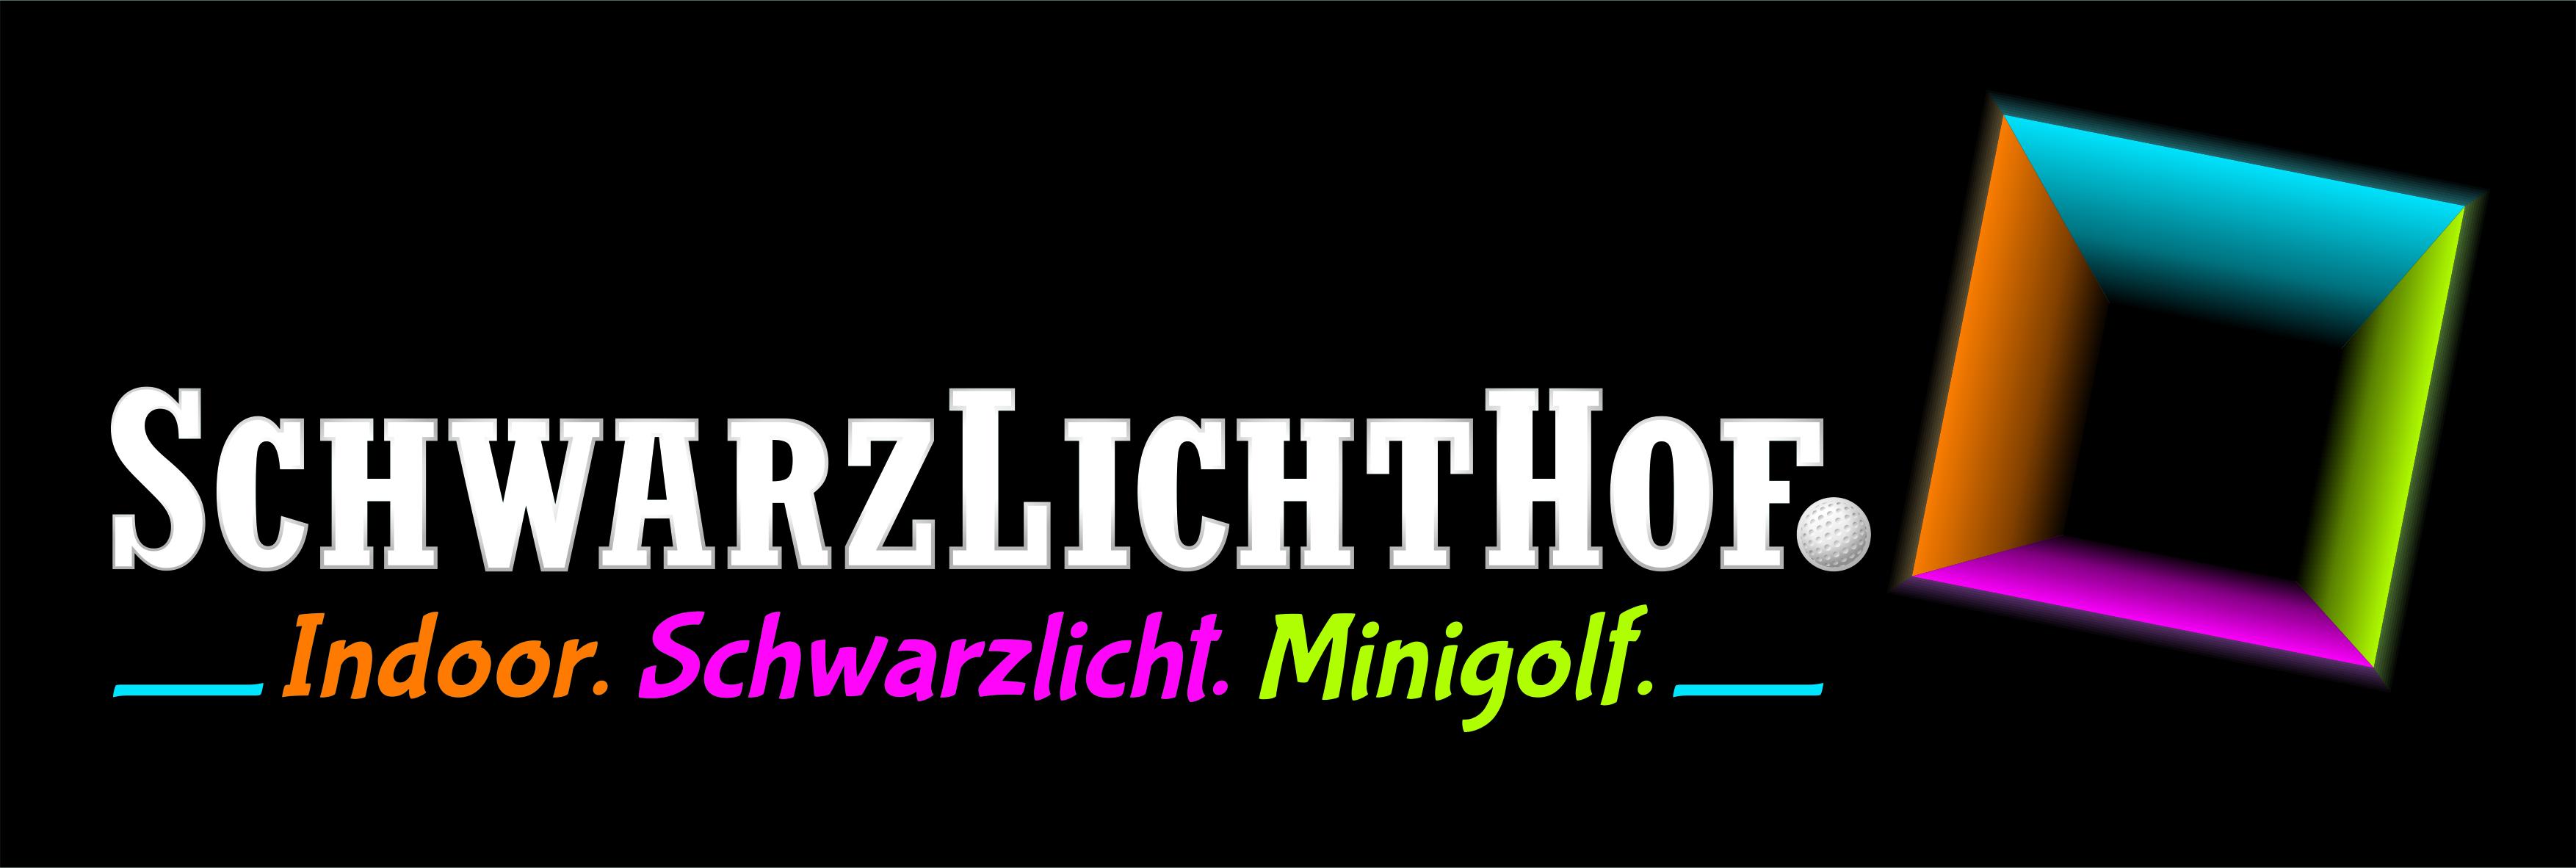 schwarzlichthof gmbh kindergeburtstag events. Black Bedroom Furniture Sets. Home Design Ideas